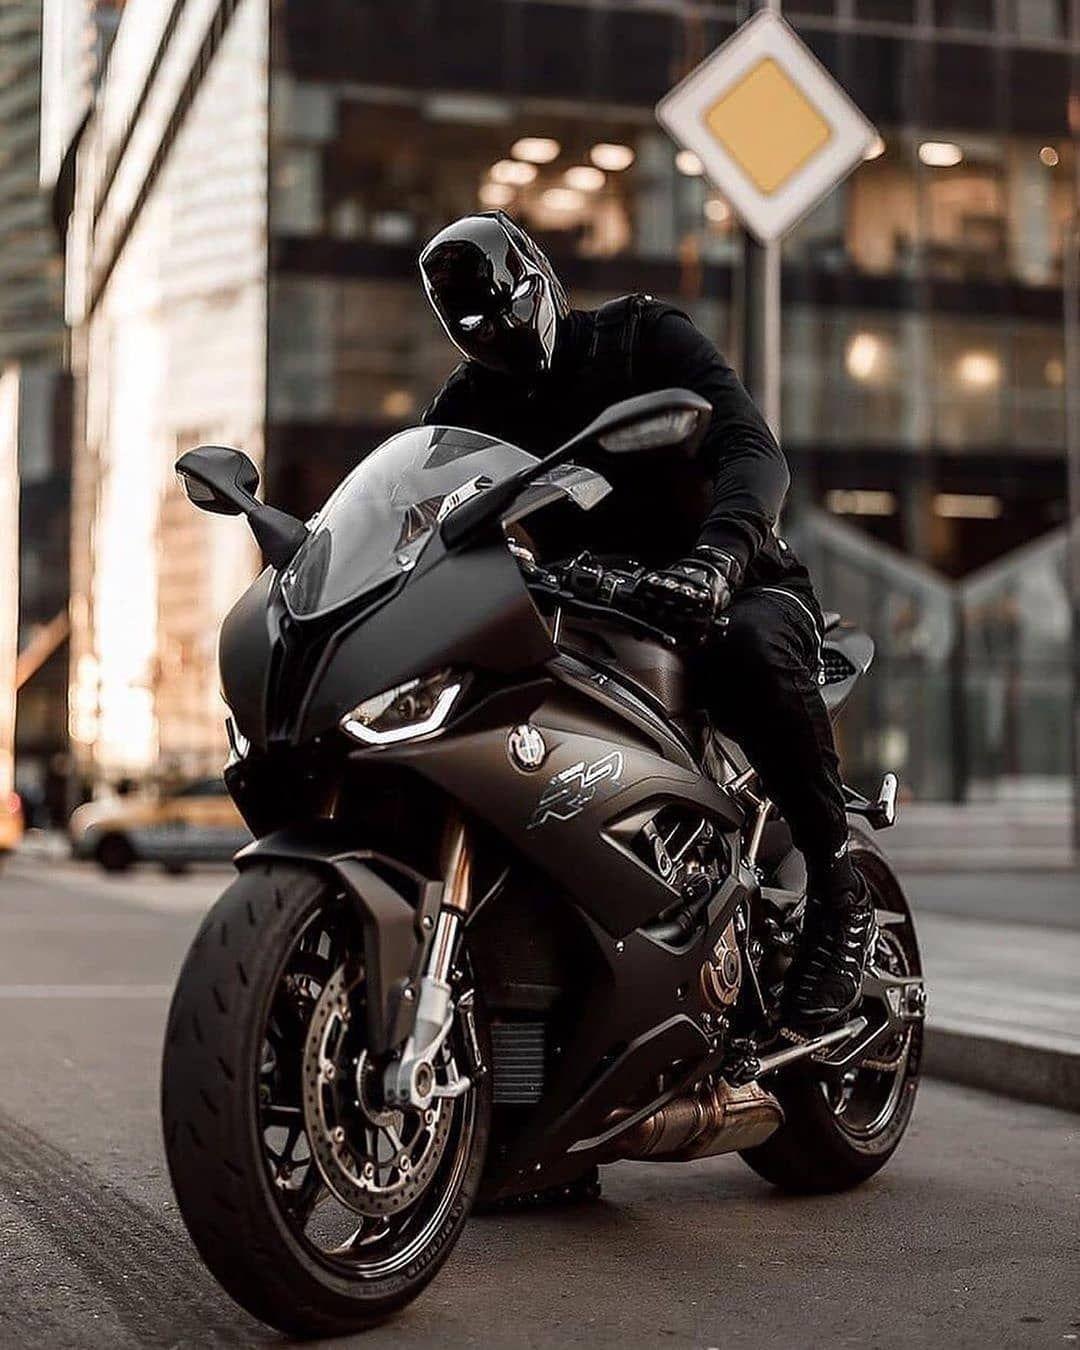 Matte Black Bmw S1000rr In 2020 Sport Bikes Matte Black Bmw Super Bikes